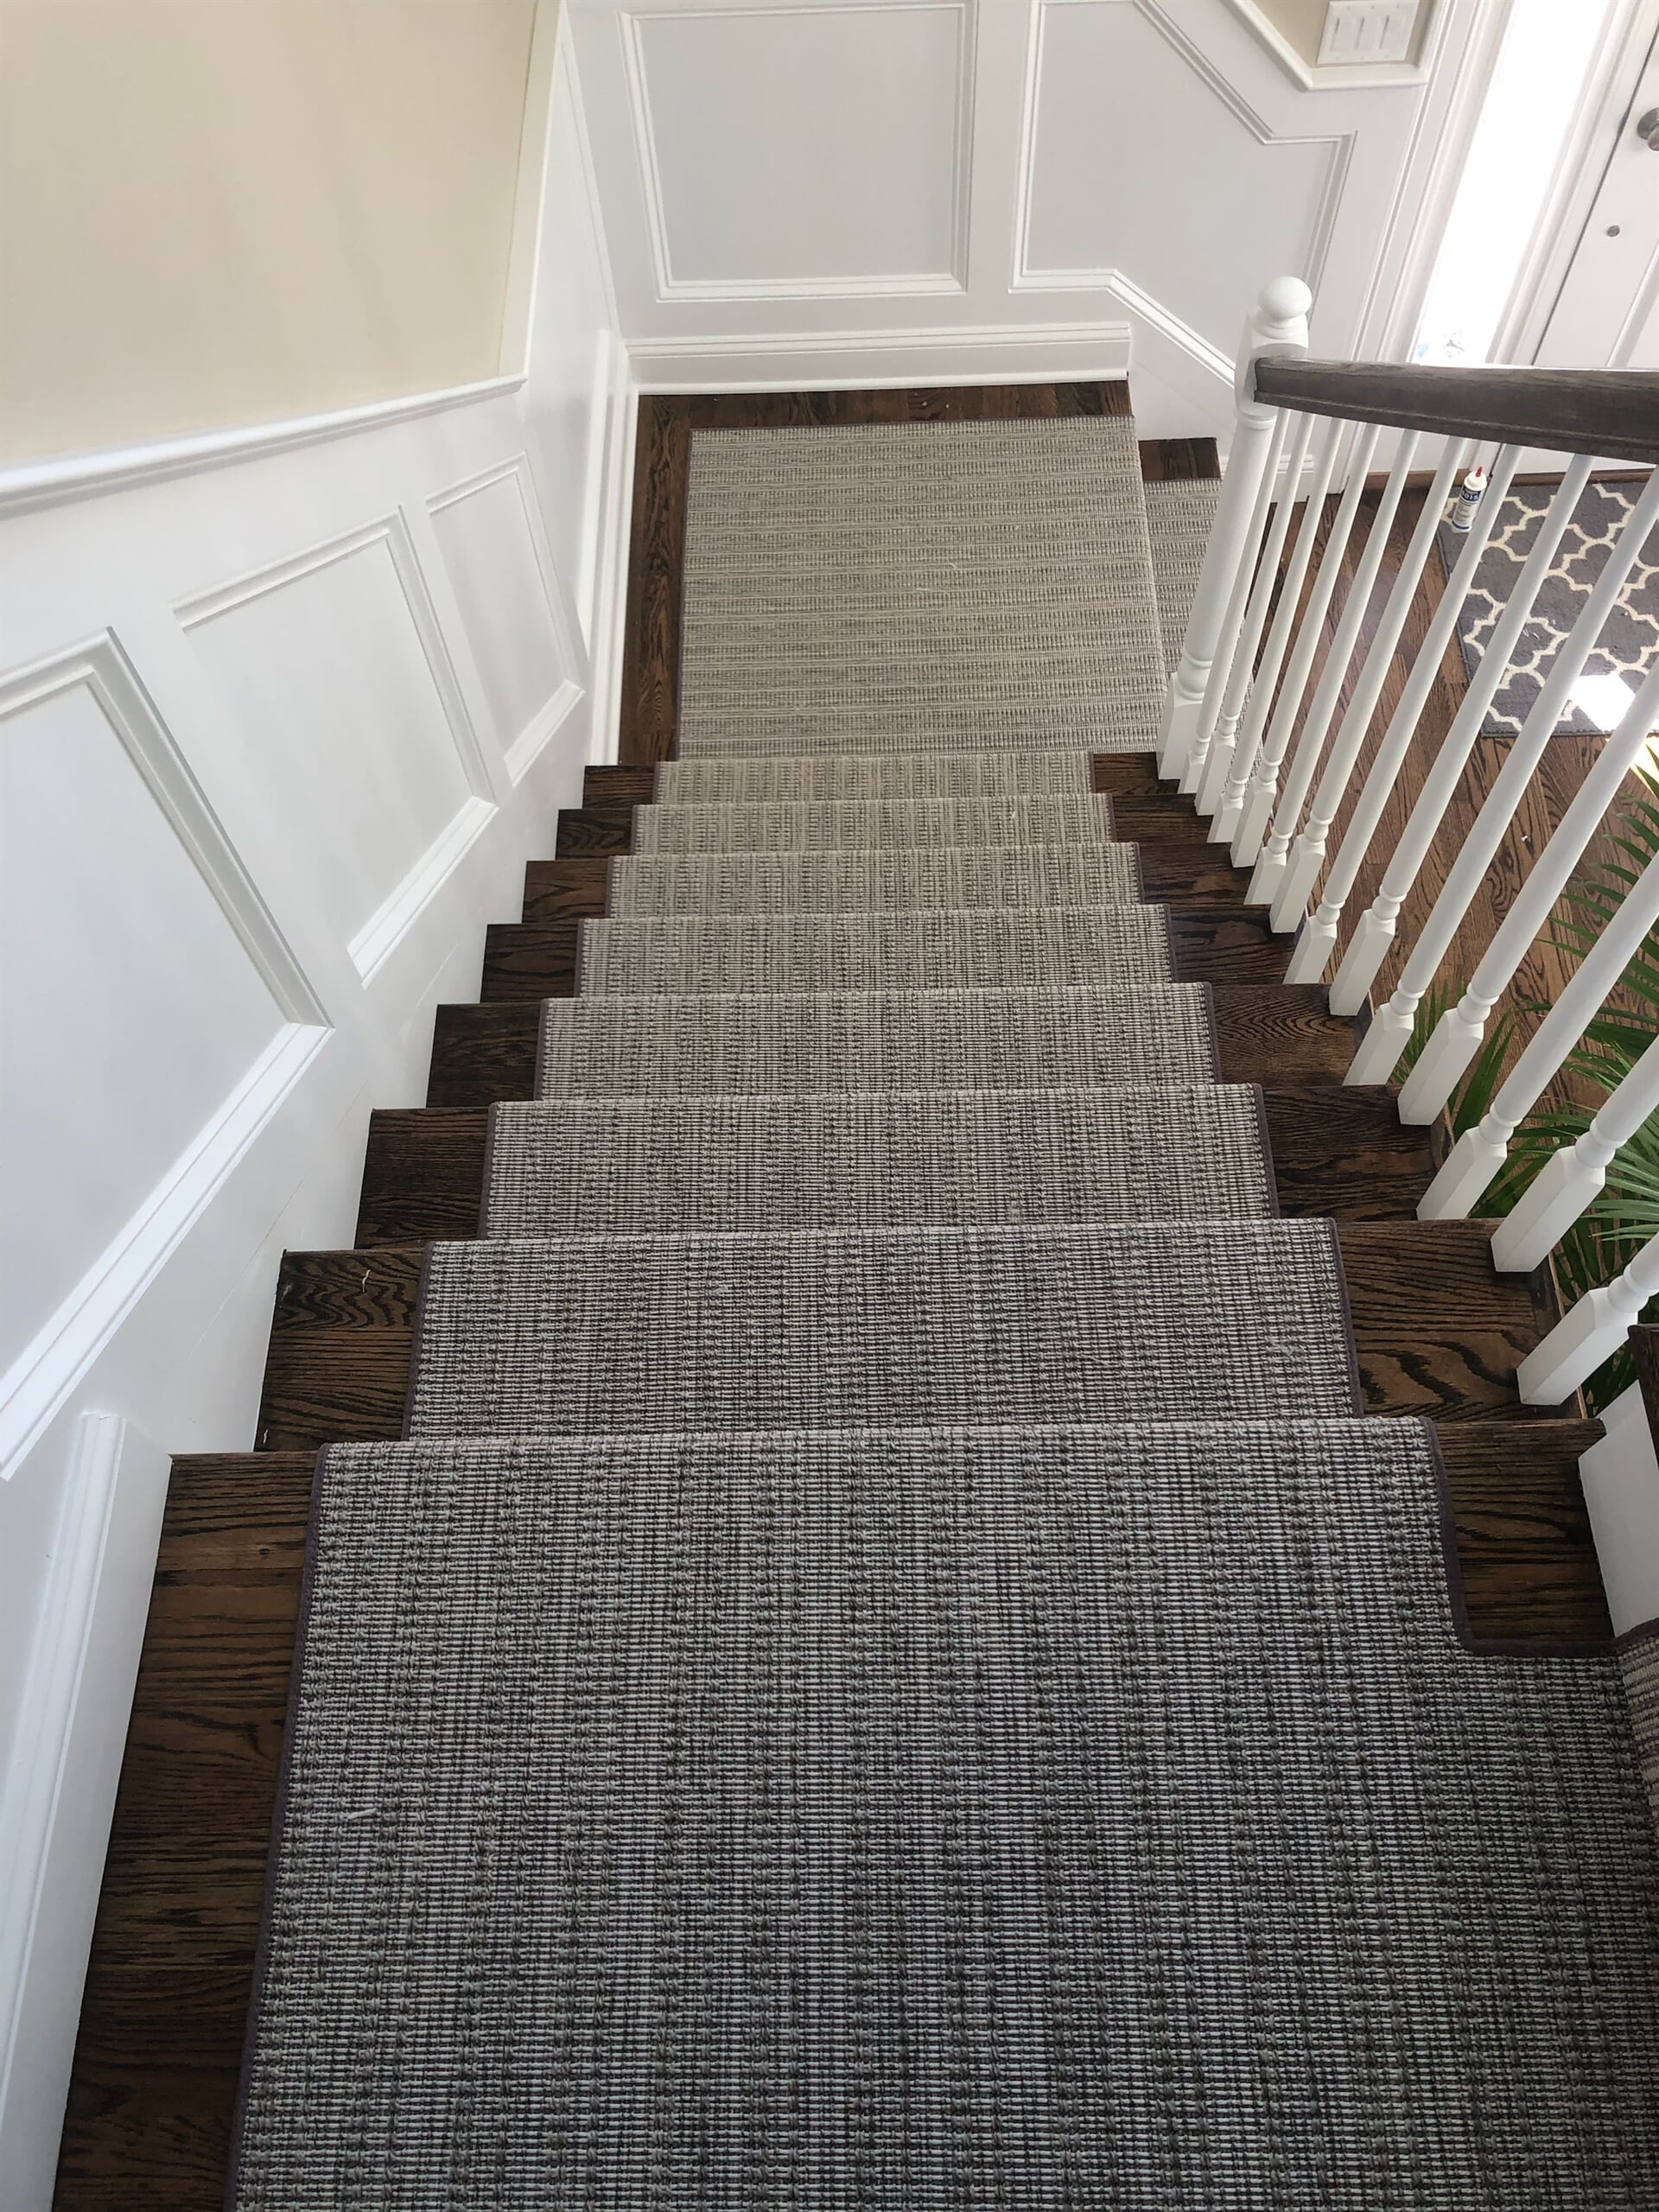 Custom carpet stair runner in Rocky Hill, CT from Custom Floors